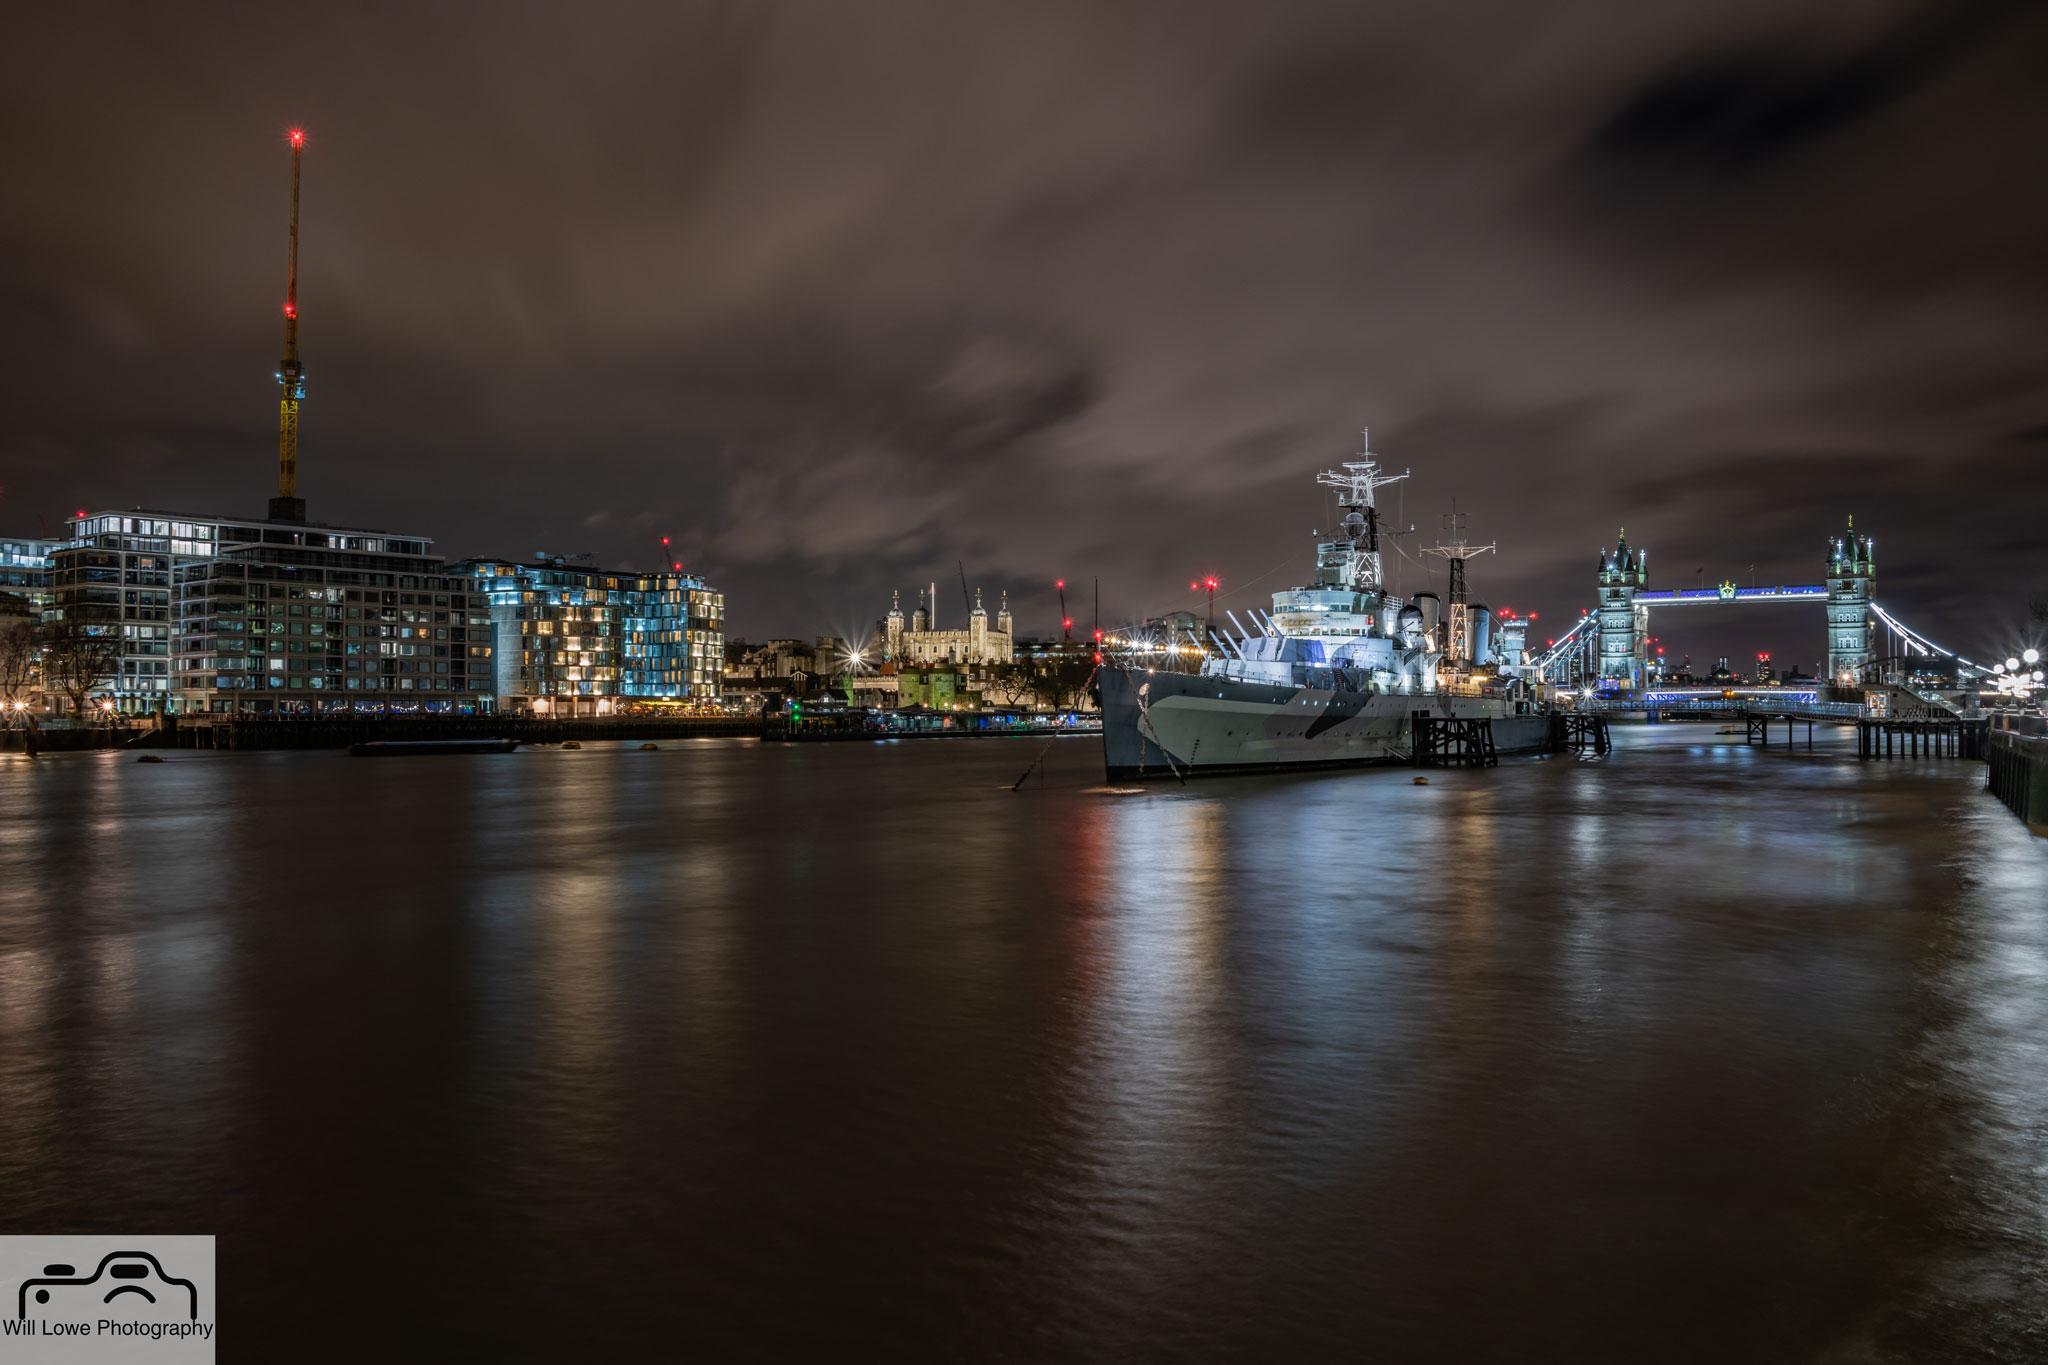 HMS Belfast - River Thames